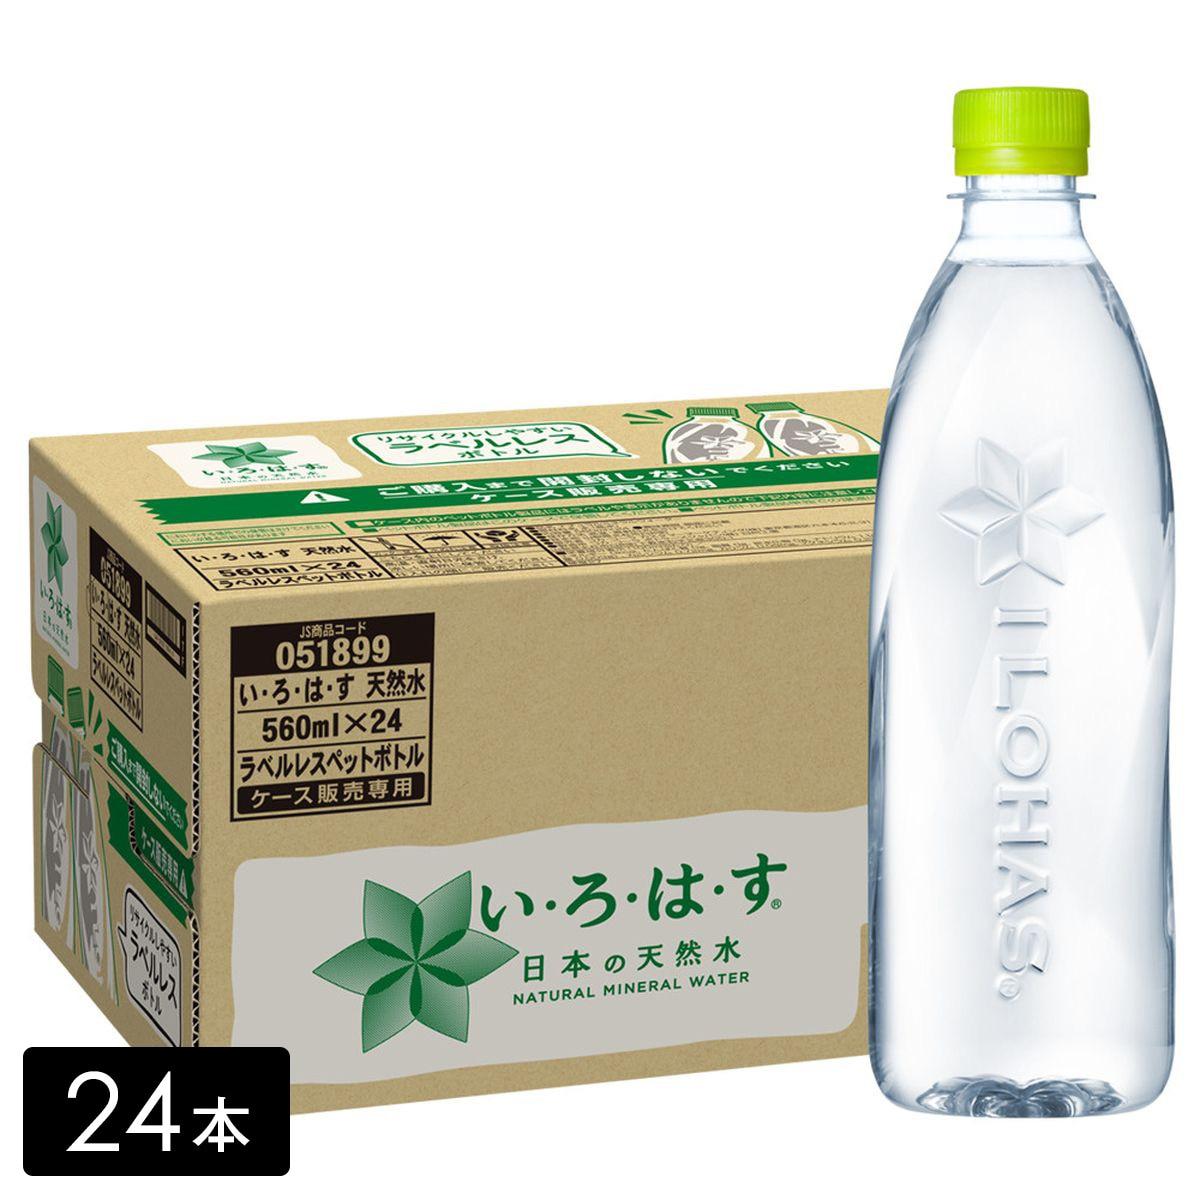 い・ろ・は・す 天然水 ラベルレス 560mL×24本